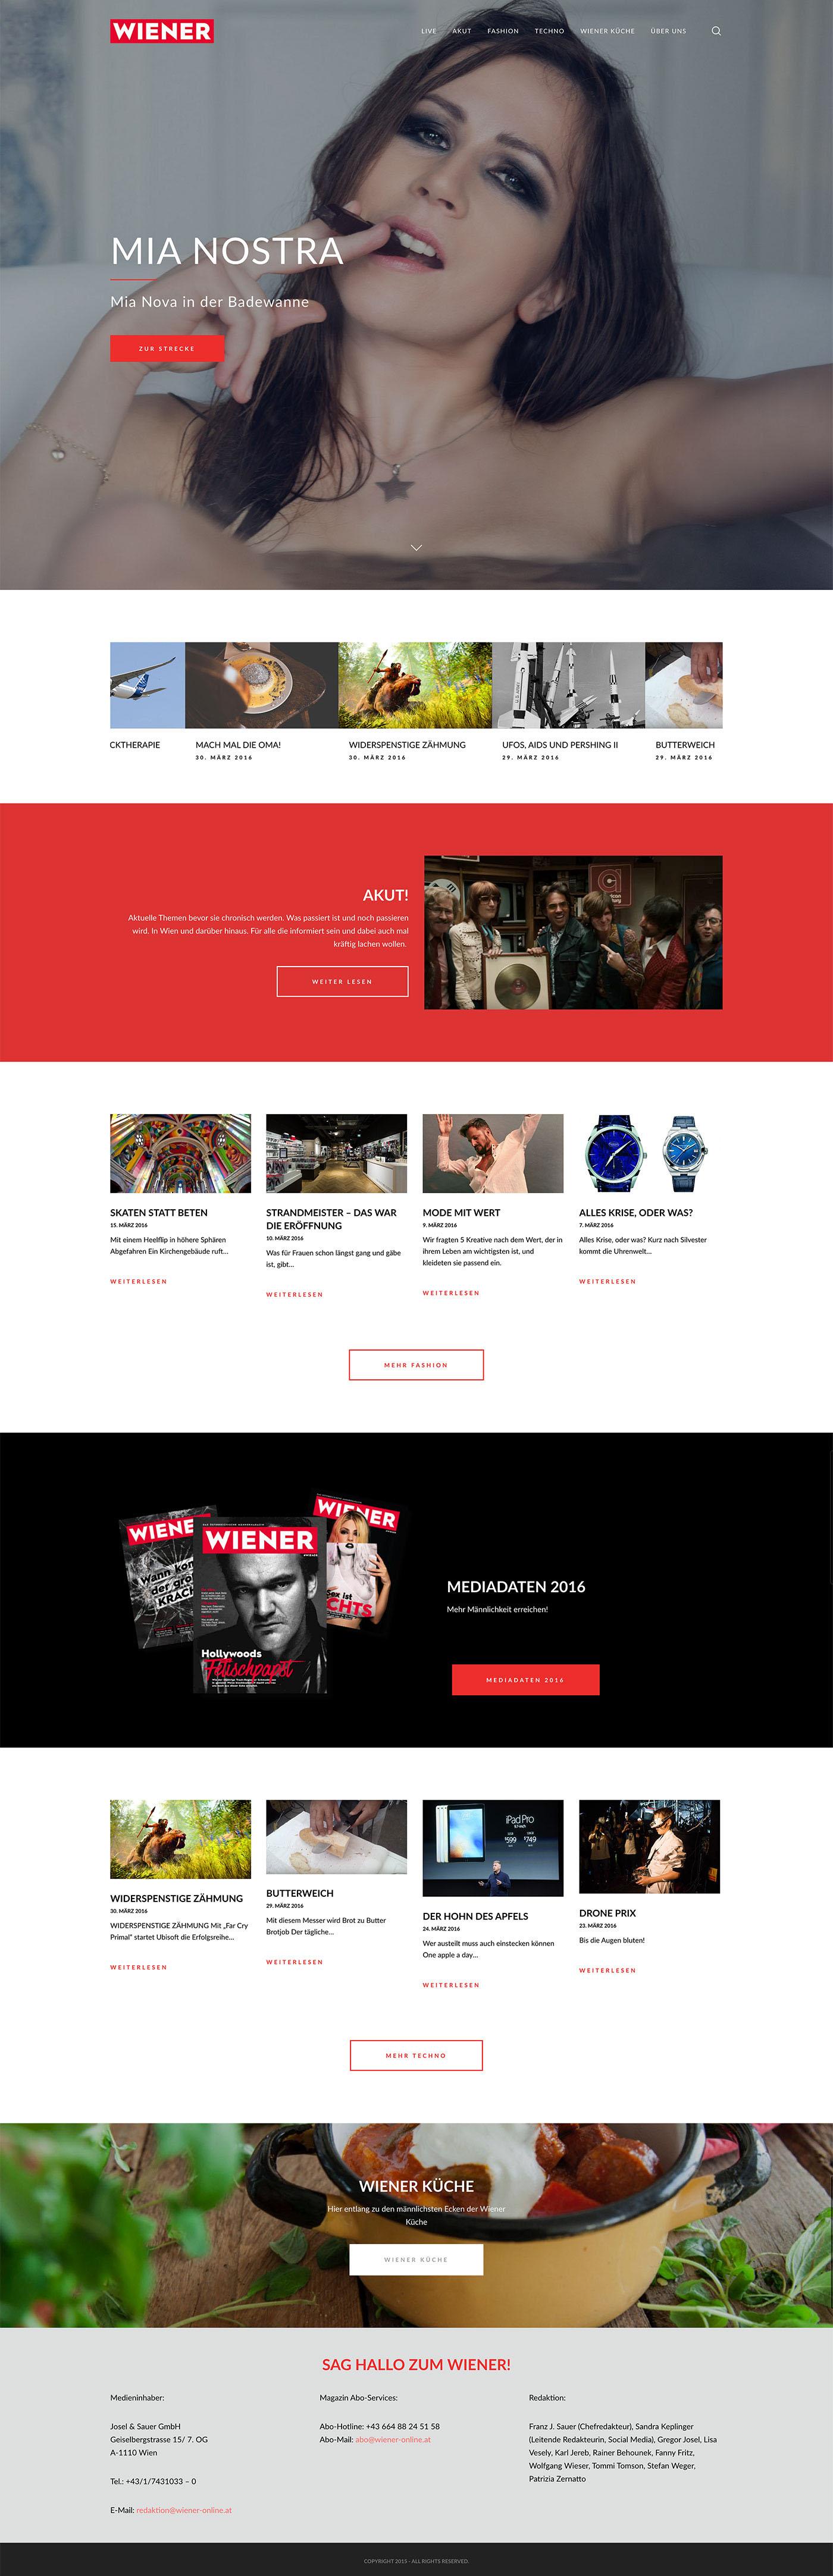 Digital Publishing online magazine lifestyle magazine vienna wiener